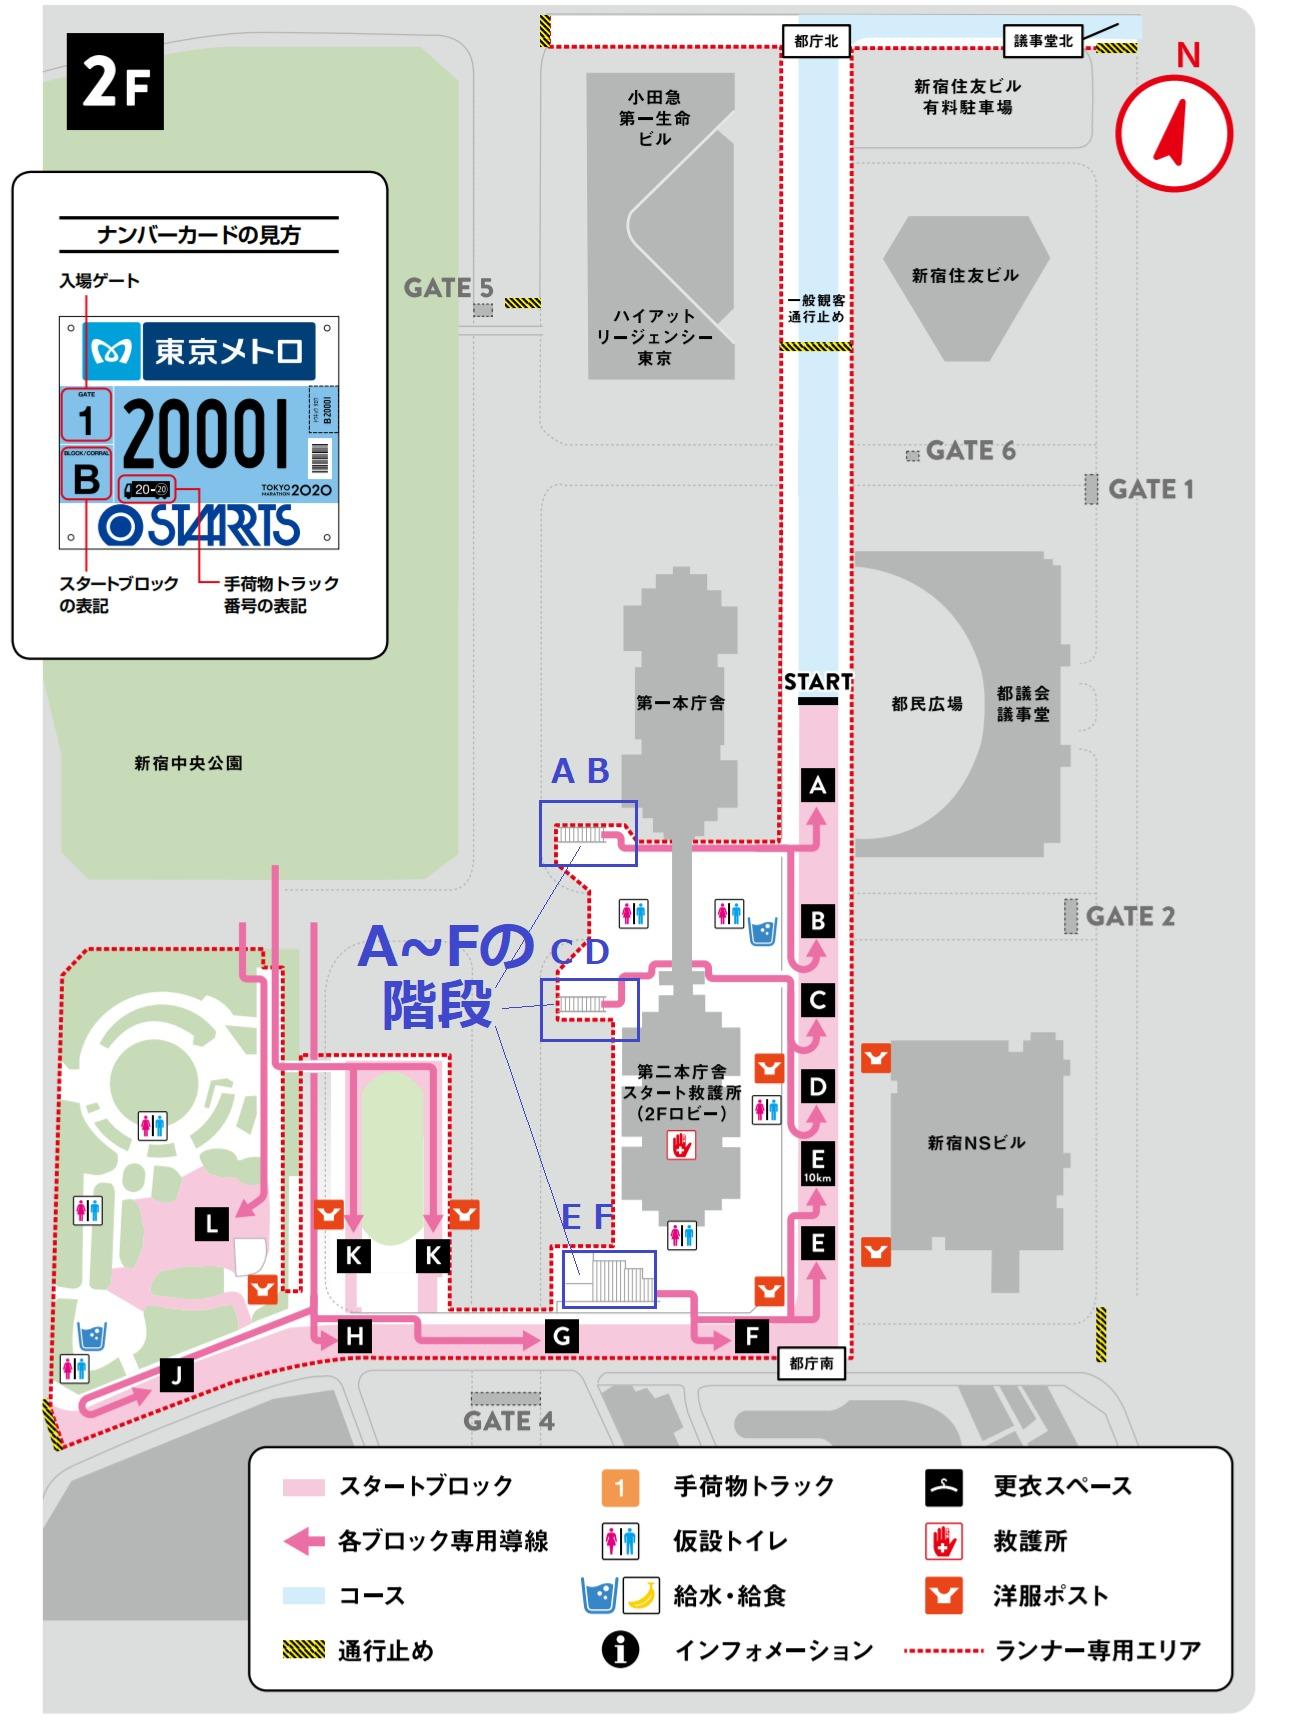 東京マラソンスタート地点 2階詳細(スタートブロック・トイレ・給水・洋服ポスト)